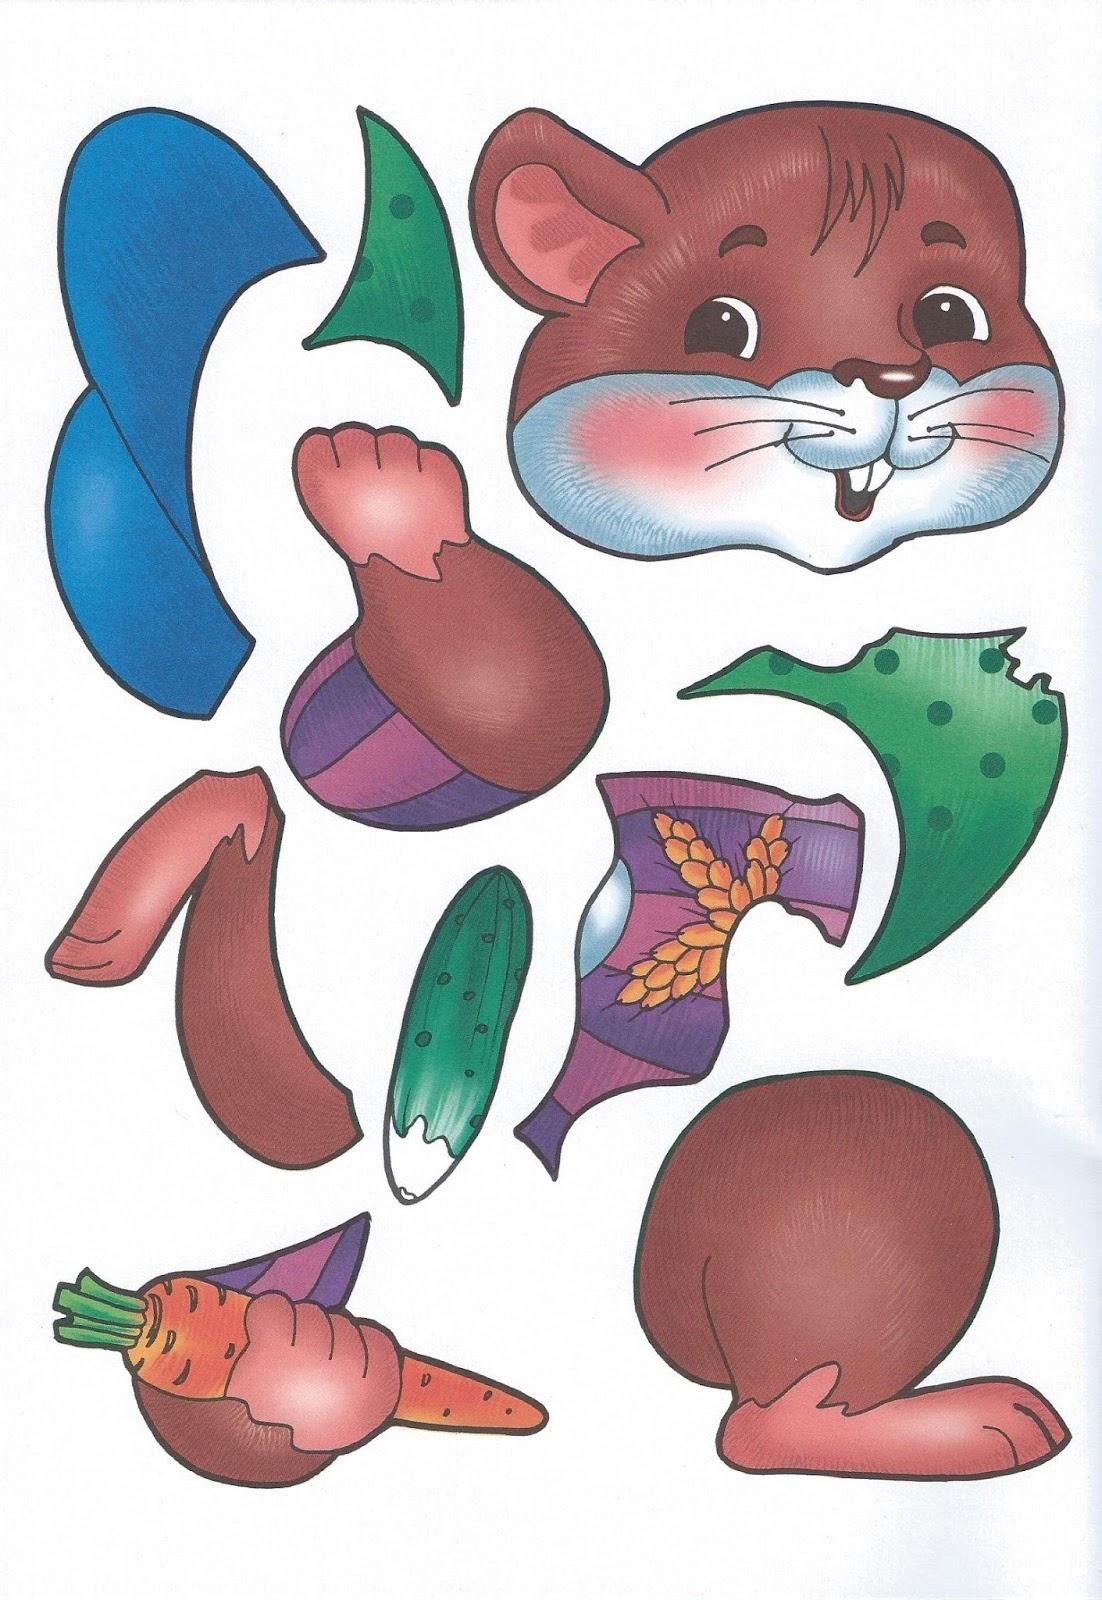 Картинки животных для детей для аппликации